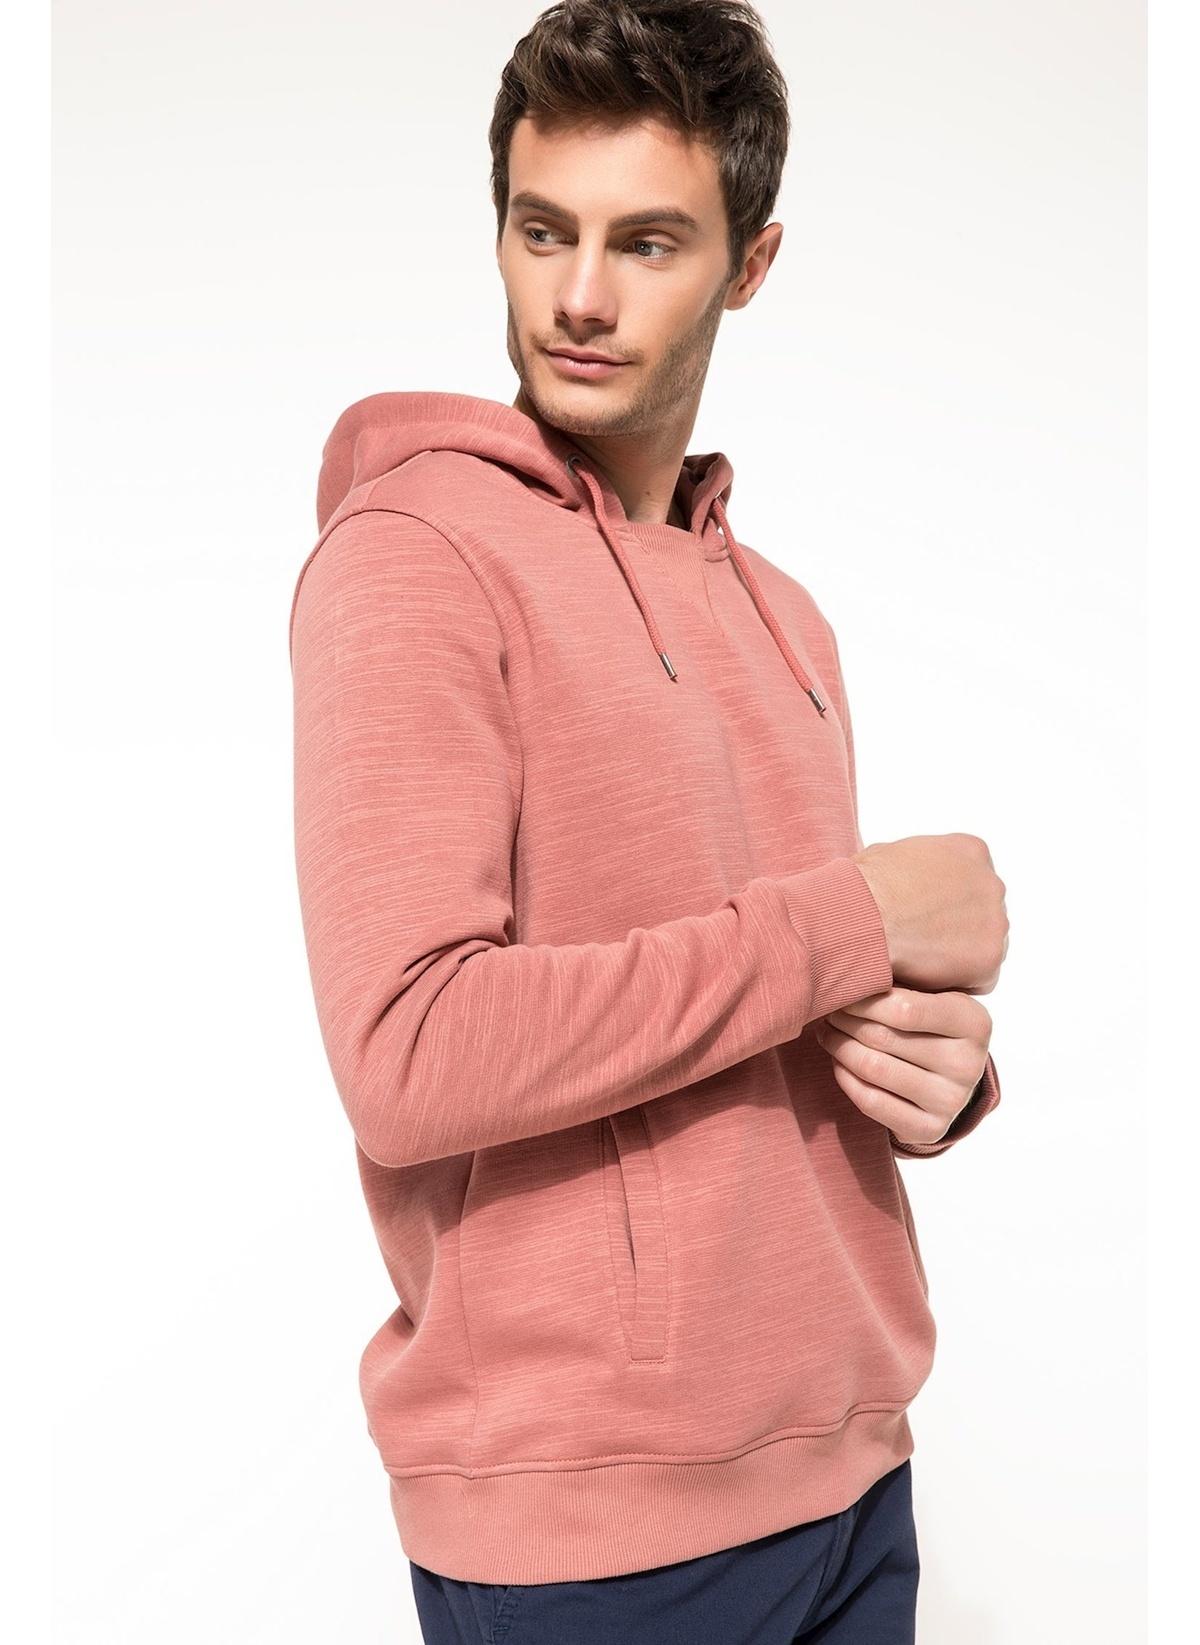 Defacto Sweatshirt I3860az18spbr369sweatshirt – 49.99 TL